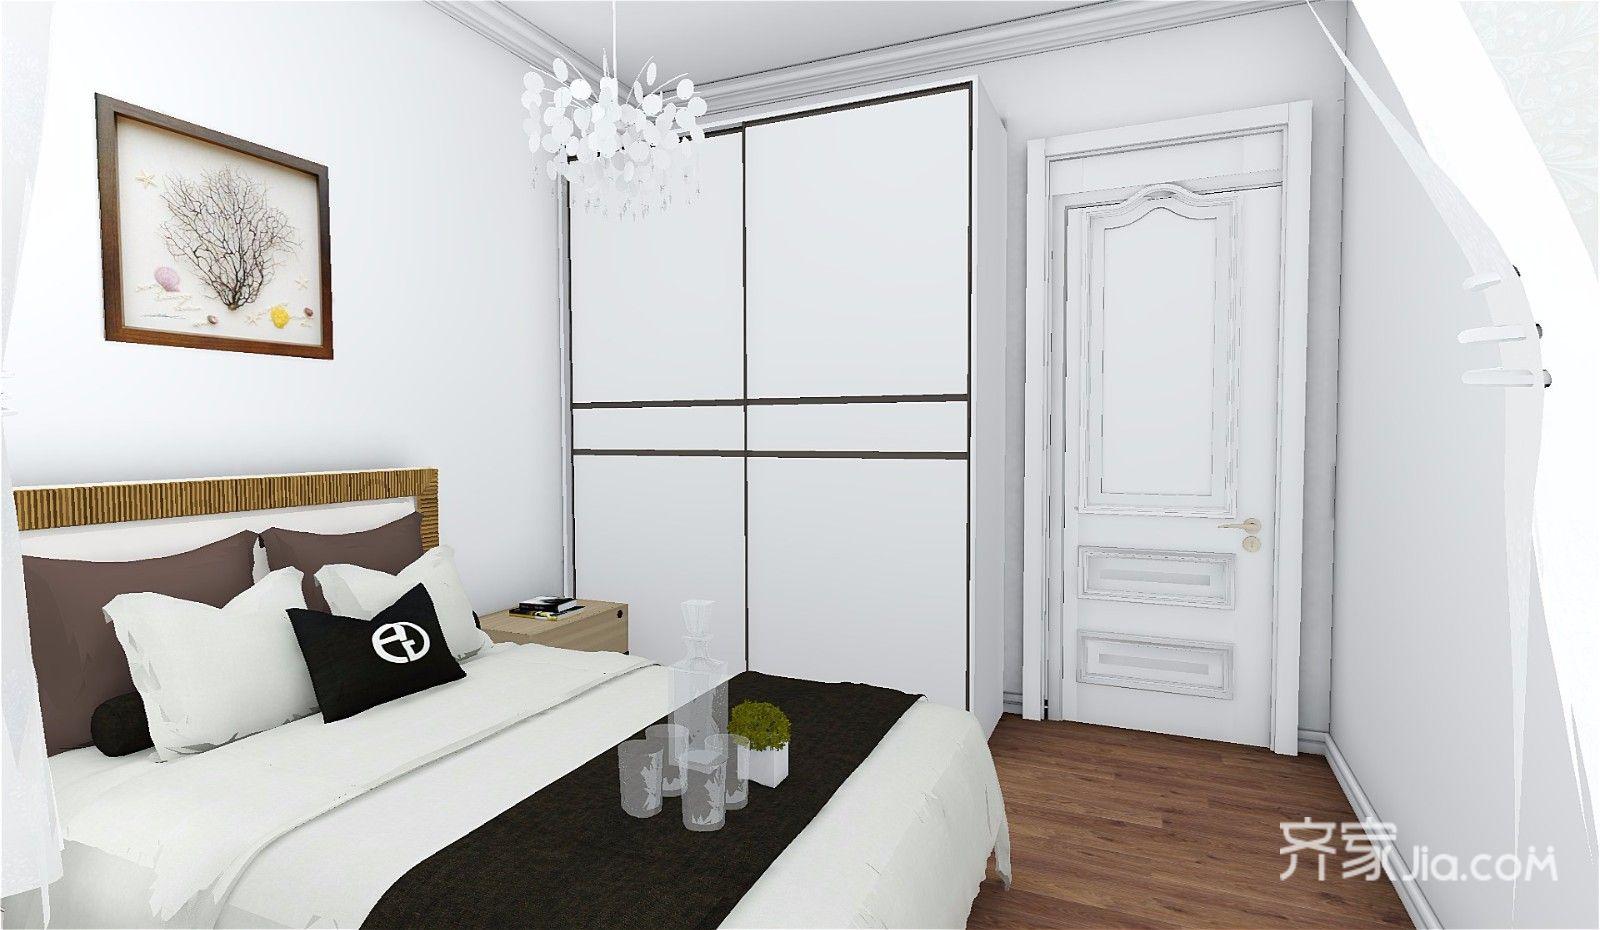 73平简约三居室装修床品设计图